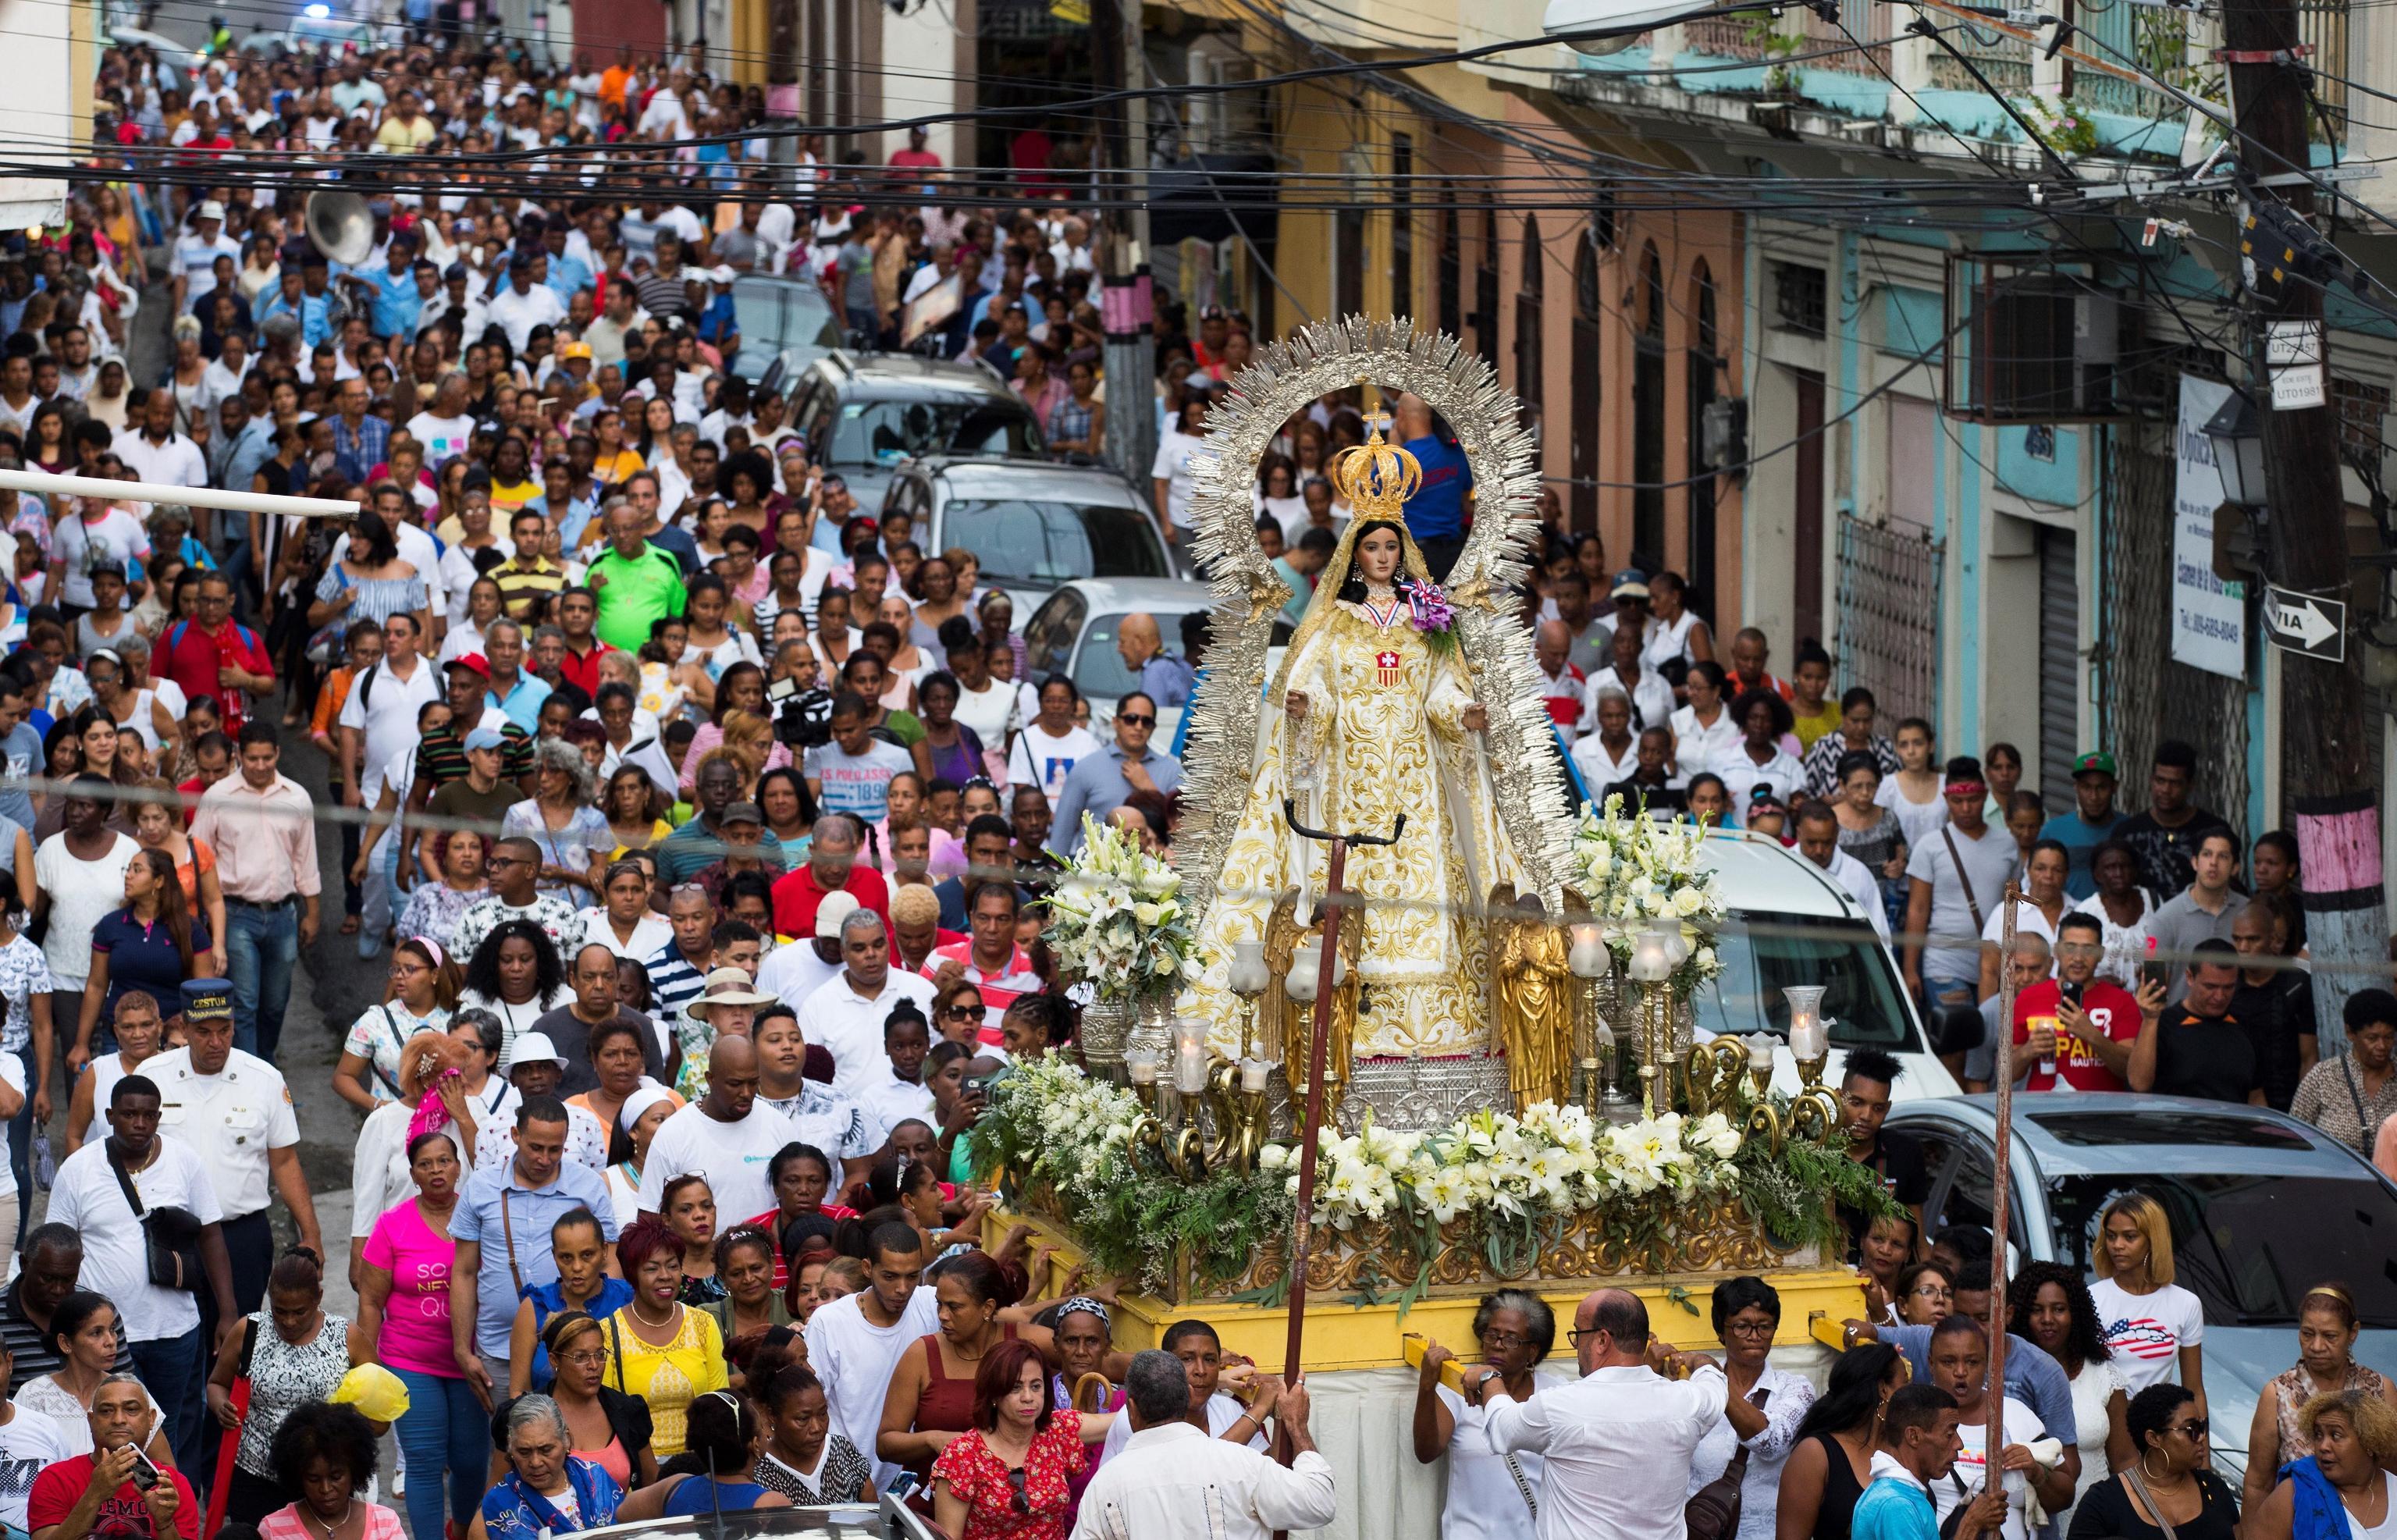 La processione della statua della Virgen de las Mercedes, santa protettrice della Repubblica Dominicana